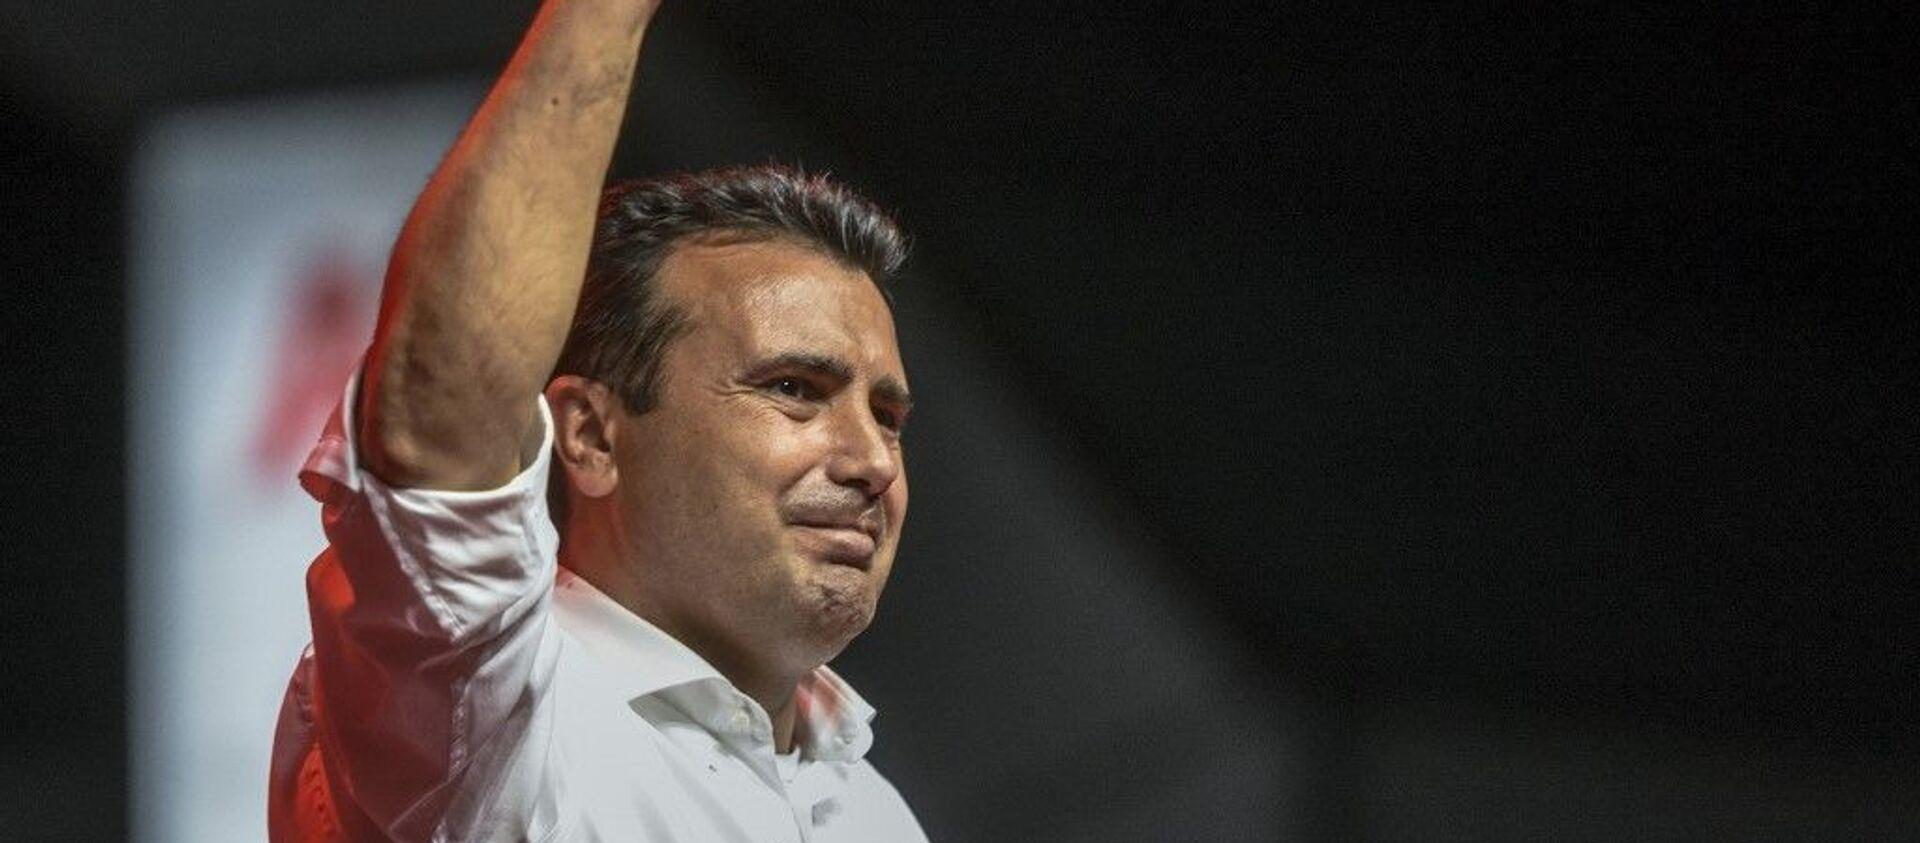 Ο Ζόραν Ζάεφ σε προεκλογική συγκέντρωση στα Σκόπια, 10 Ιουλίου 2020 - Sputnik Ελλάδα, 1920, 19.11.2020